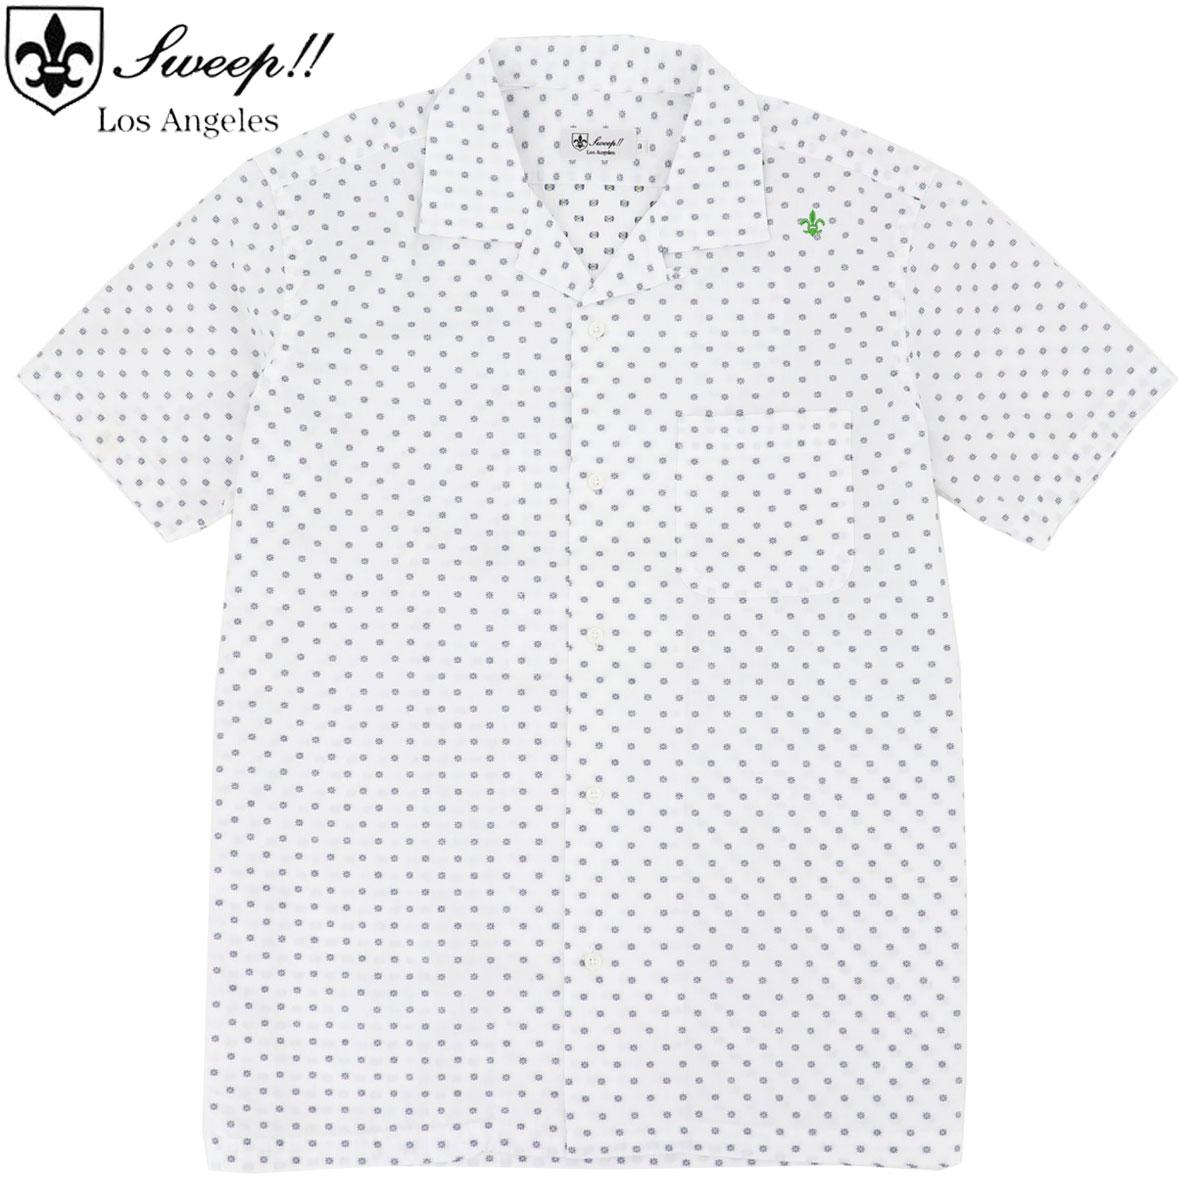 スウィープ ロサンゼルス Sweep!! LosAngeles メンズ リゾートライン 小花柄刺繍 オープンカラーシャツ リゾートライン / SL140003  SWP WHITE(ホワイト) 春夏新作